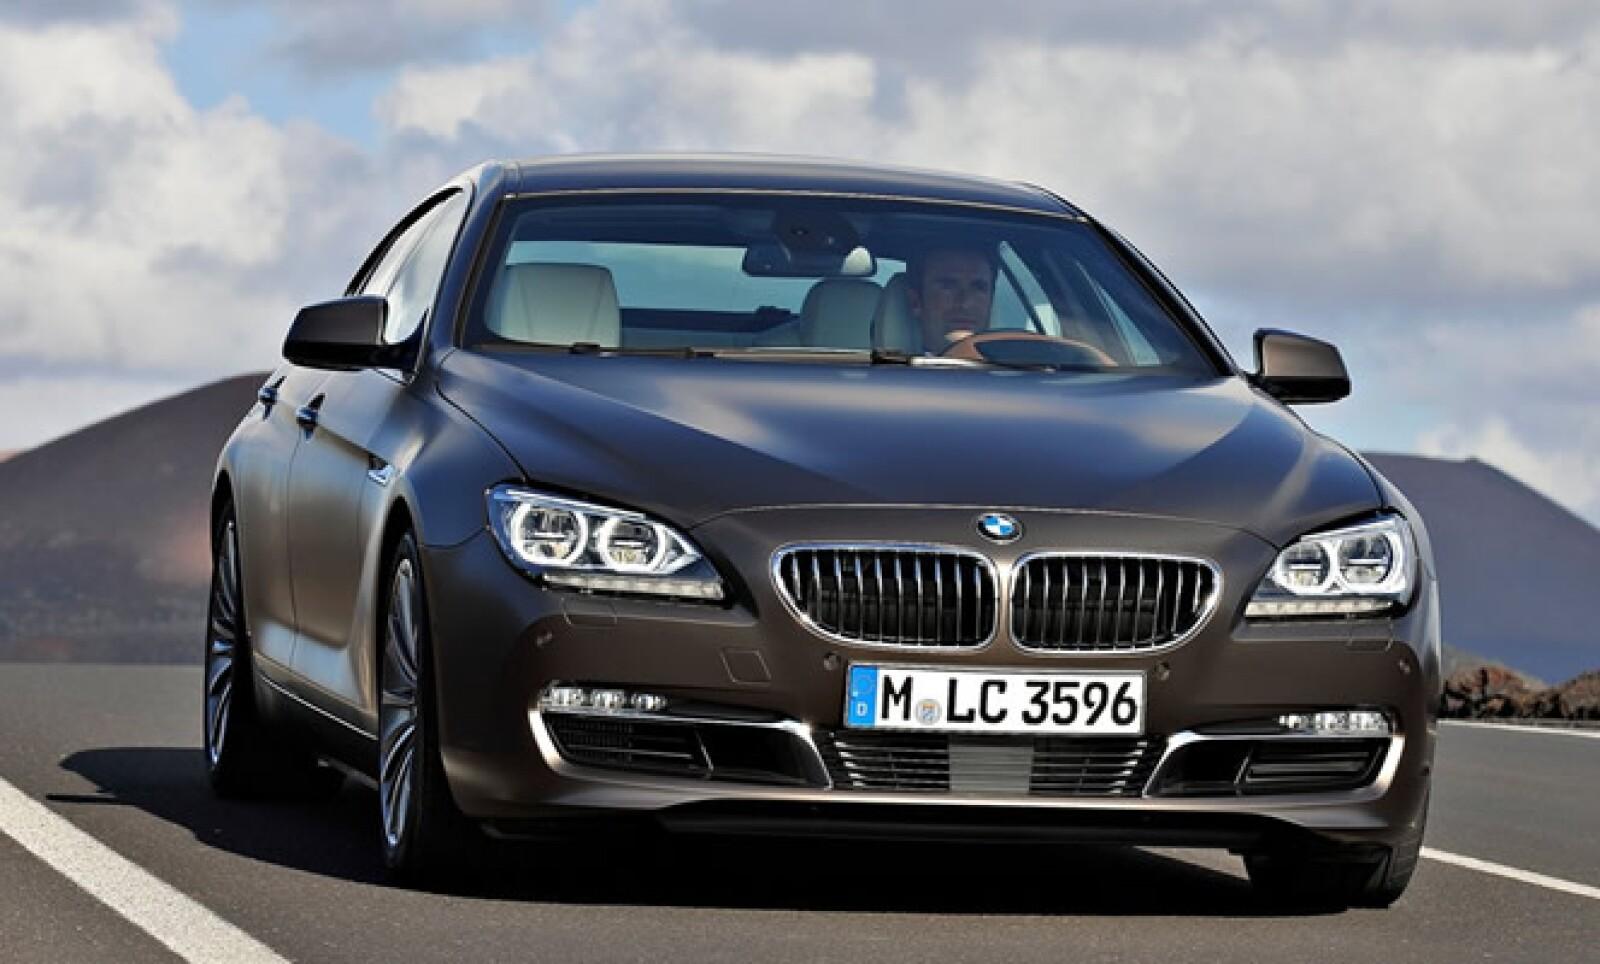 Las líneas clásicas de los modelos BMW son evidentes, pero con un diseño especialmente bajo y deportivo.